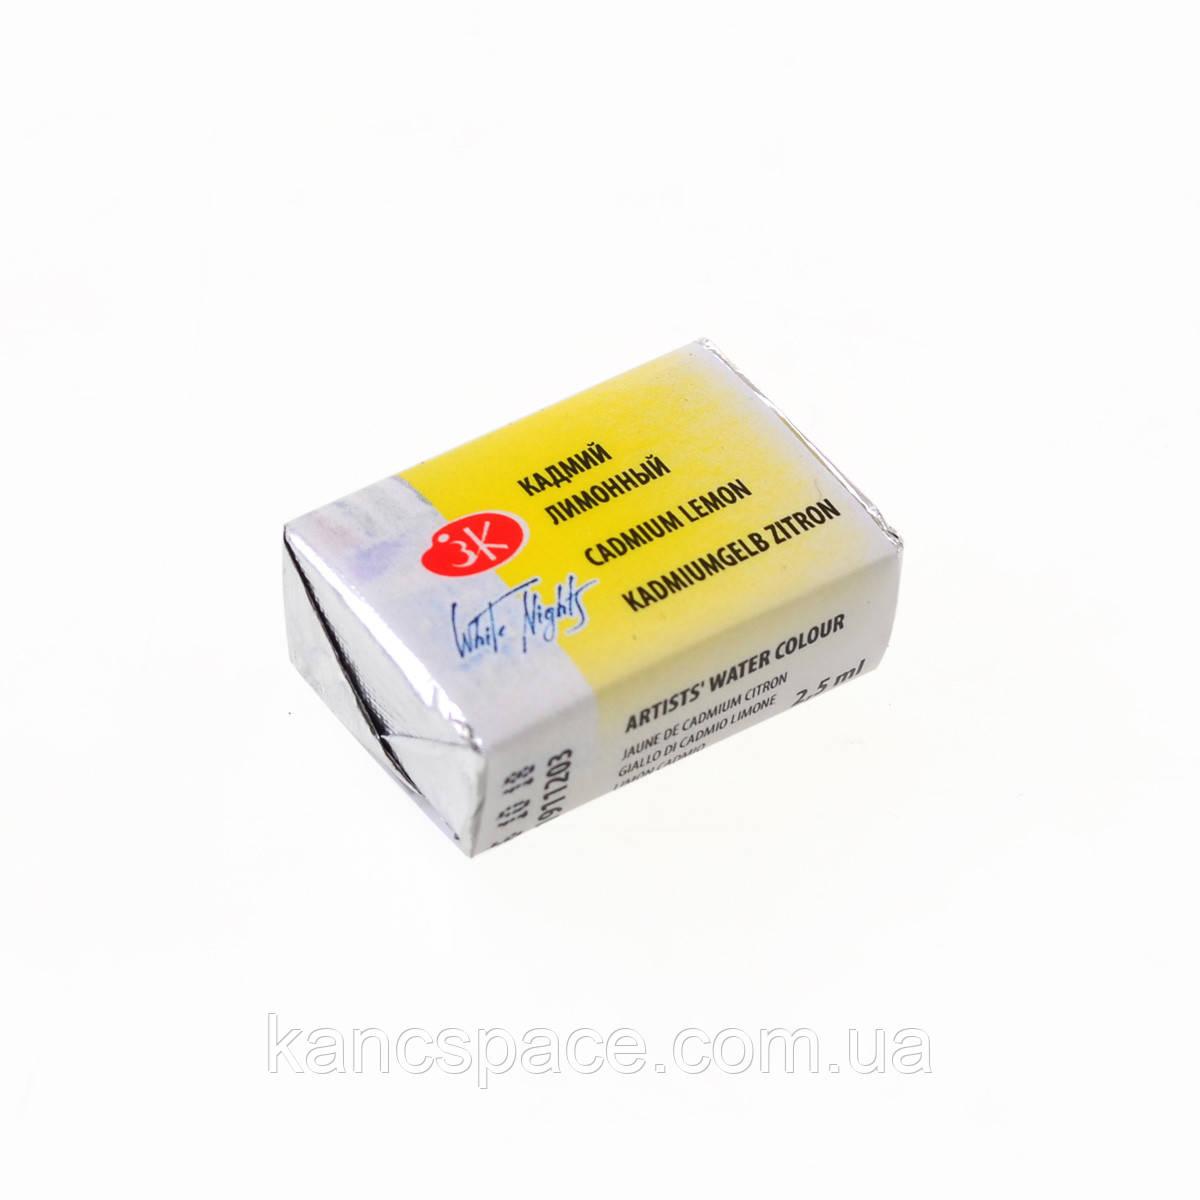 Фарба акварельна КЮВЕТА, кадмій лимонний, 2.5мл ЗХК